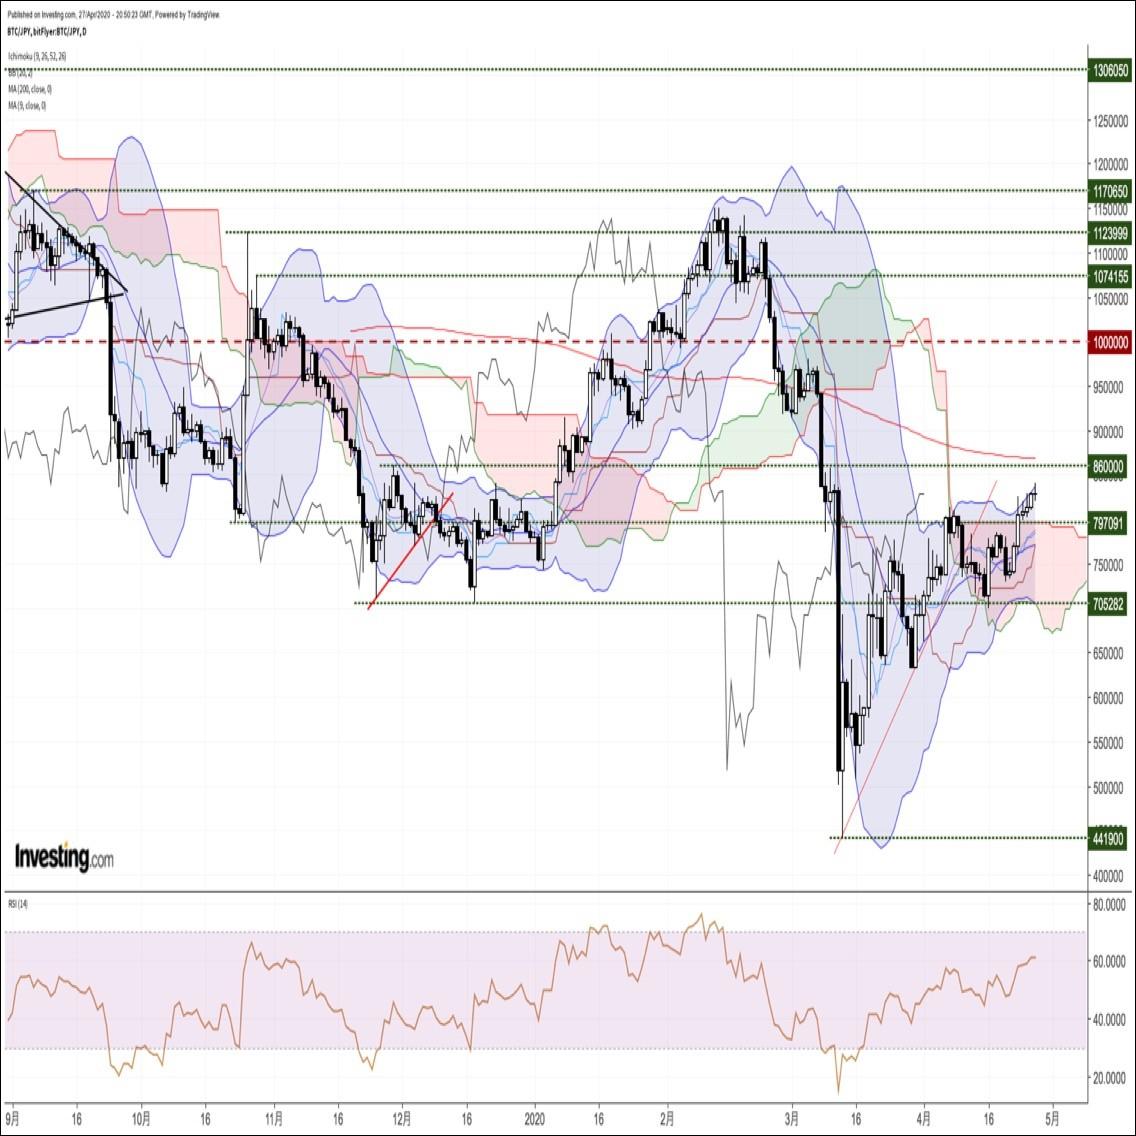 ビットコイン円、高値更新も伸び悩む展開。オプション市場はダウンサイドリスクを示唆(4/28朝)